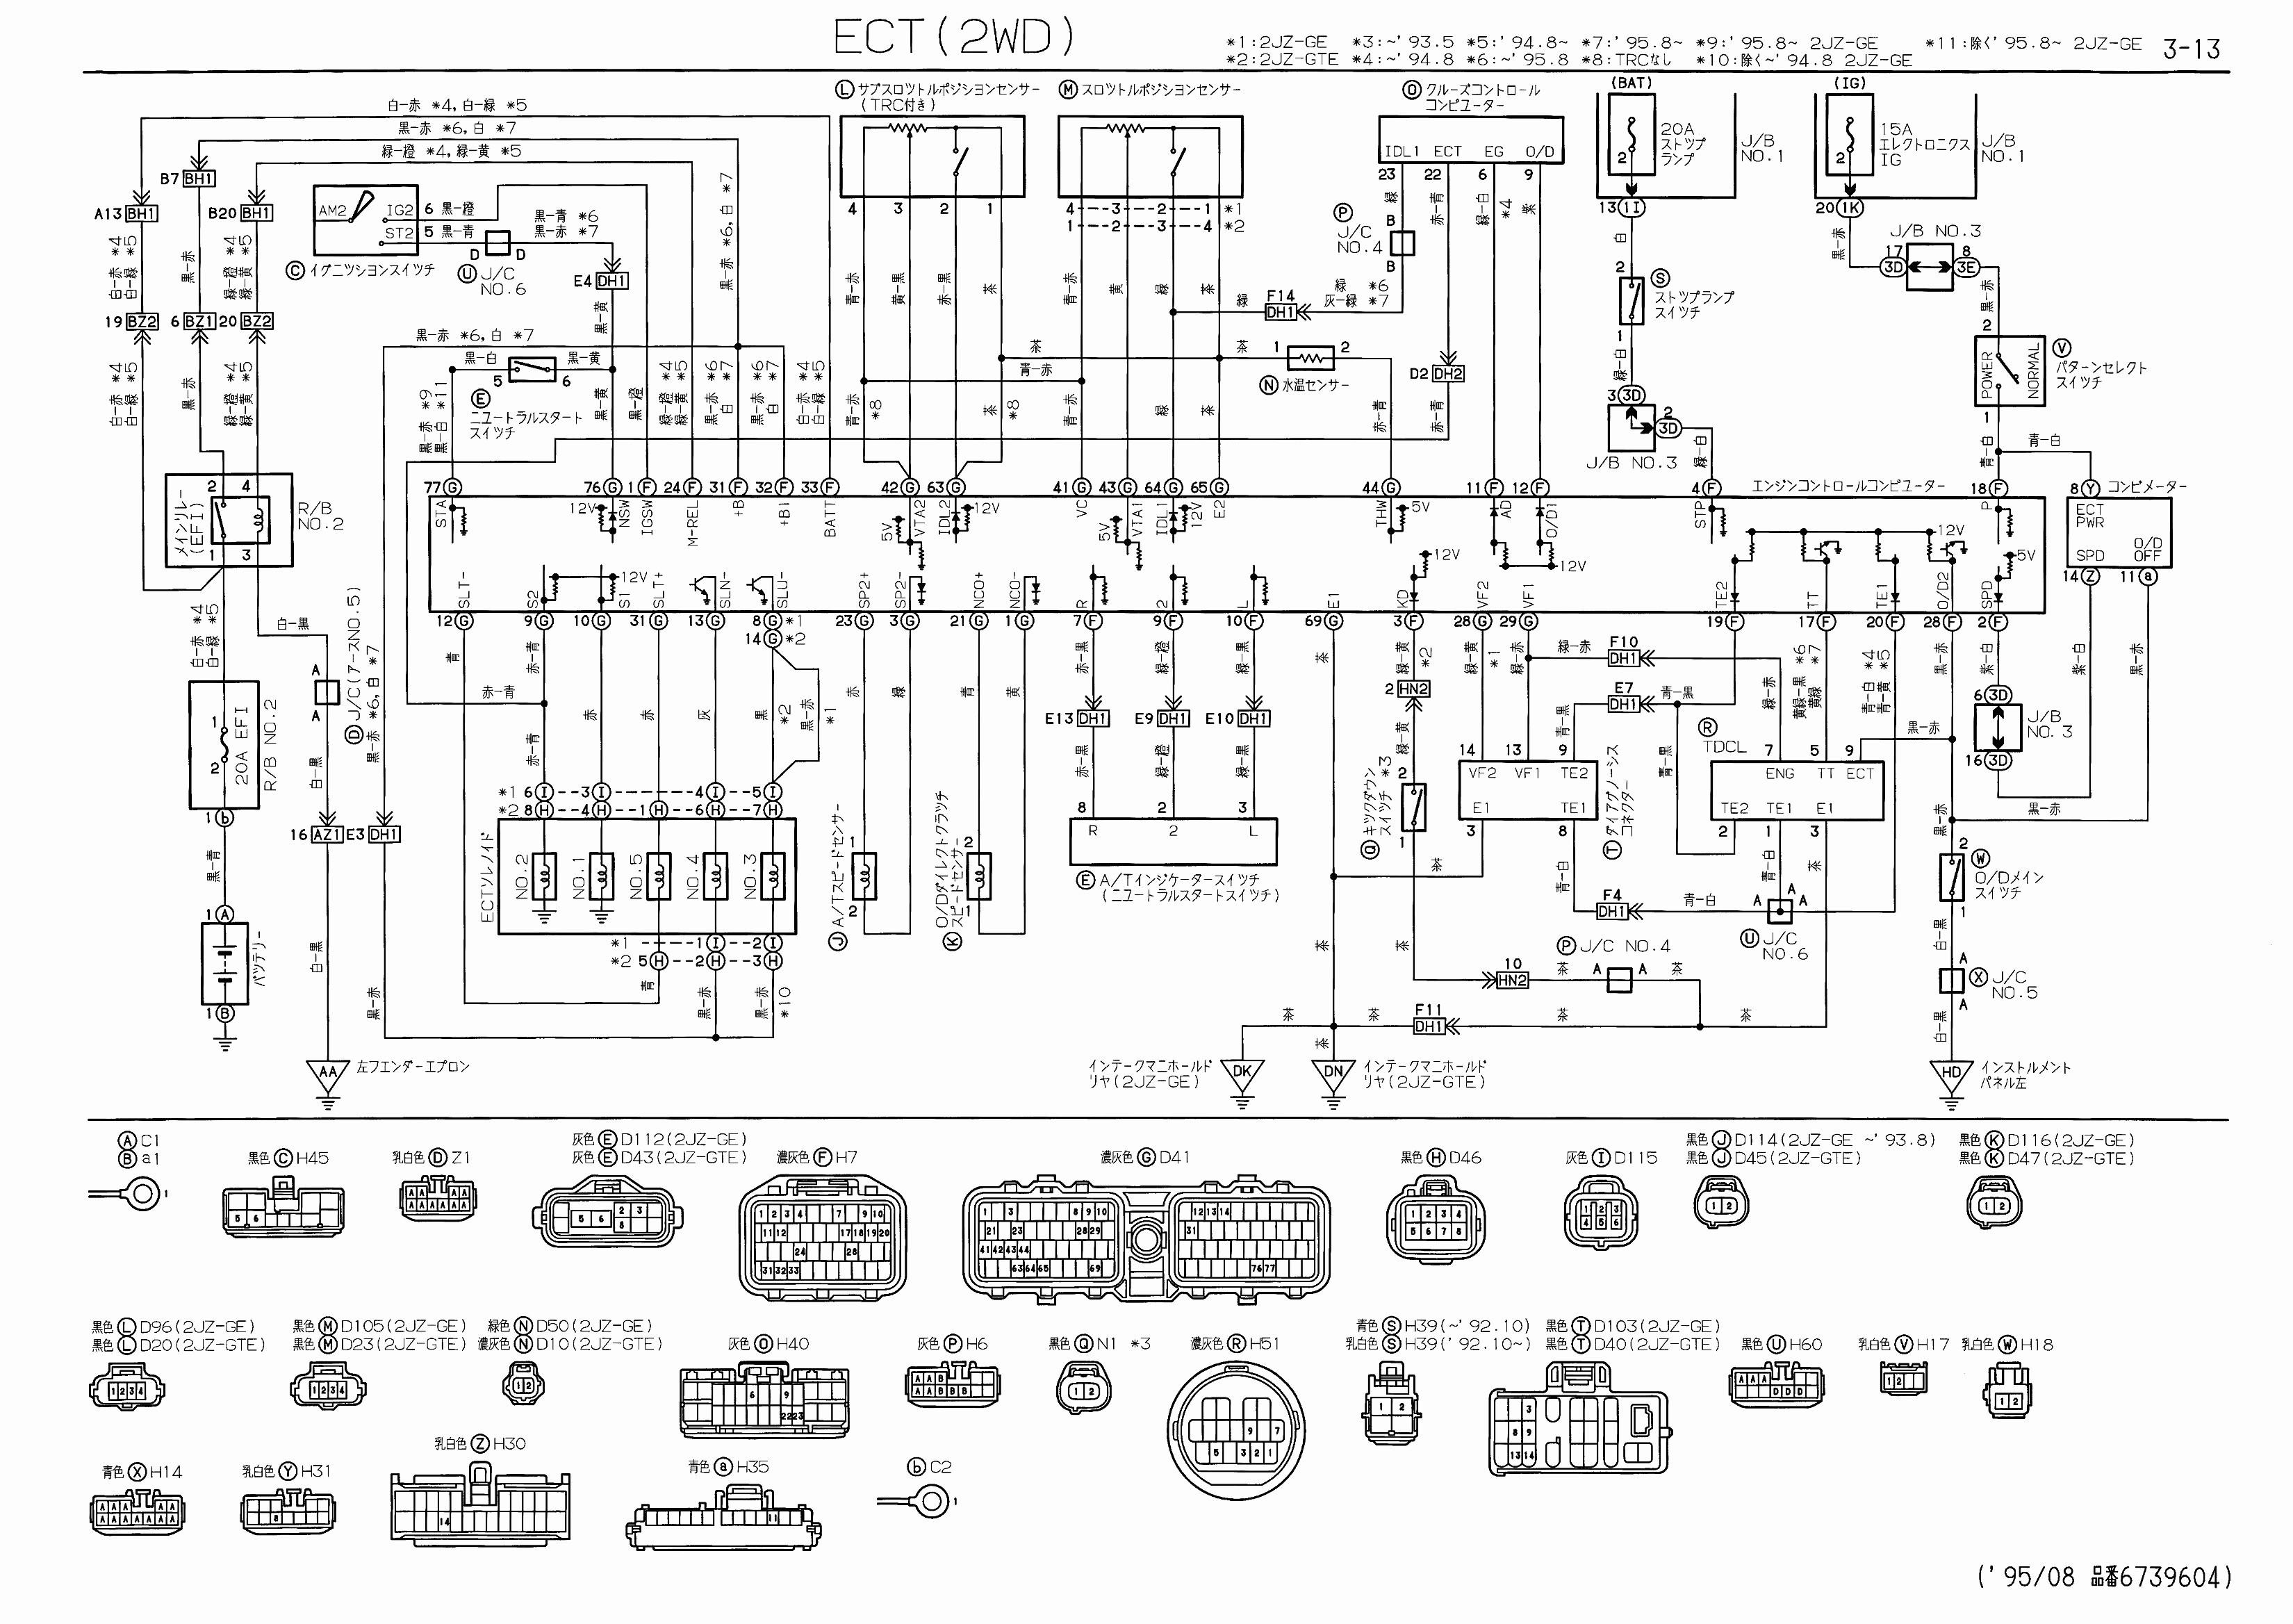 1993 infiniti g20 diagram wiring schematic wiring diagram z41993 infiniti g20 wiring diagram wiring diagram z4 1993 jeep wrangler wiring diagram 1993 infiniti g20 diagram wiring schematic